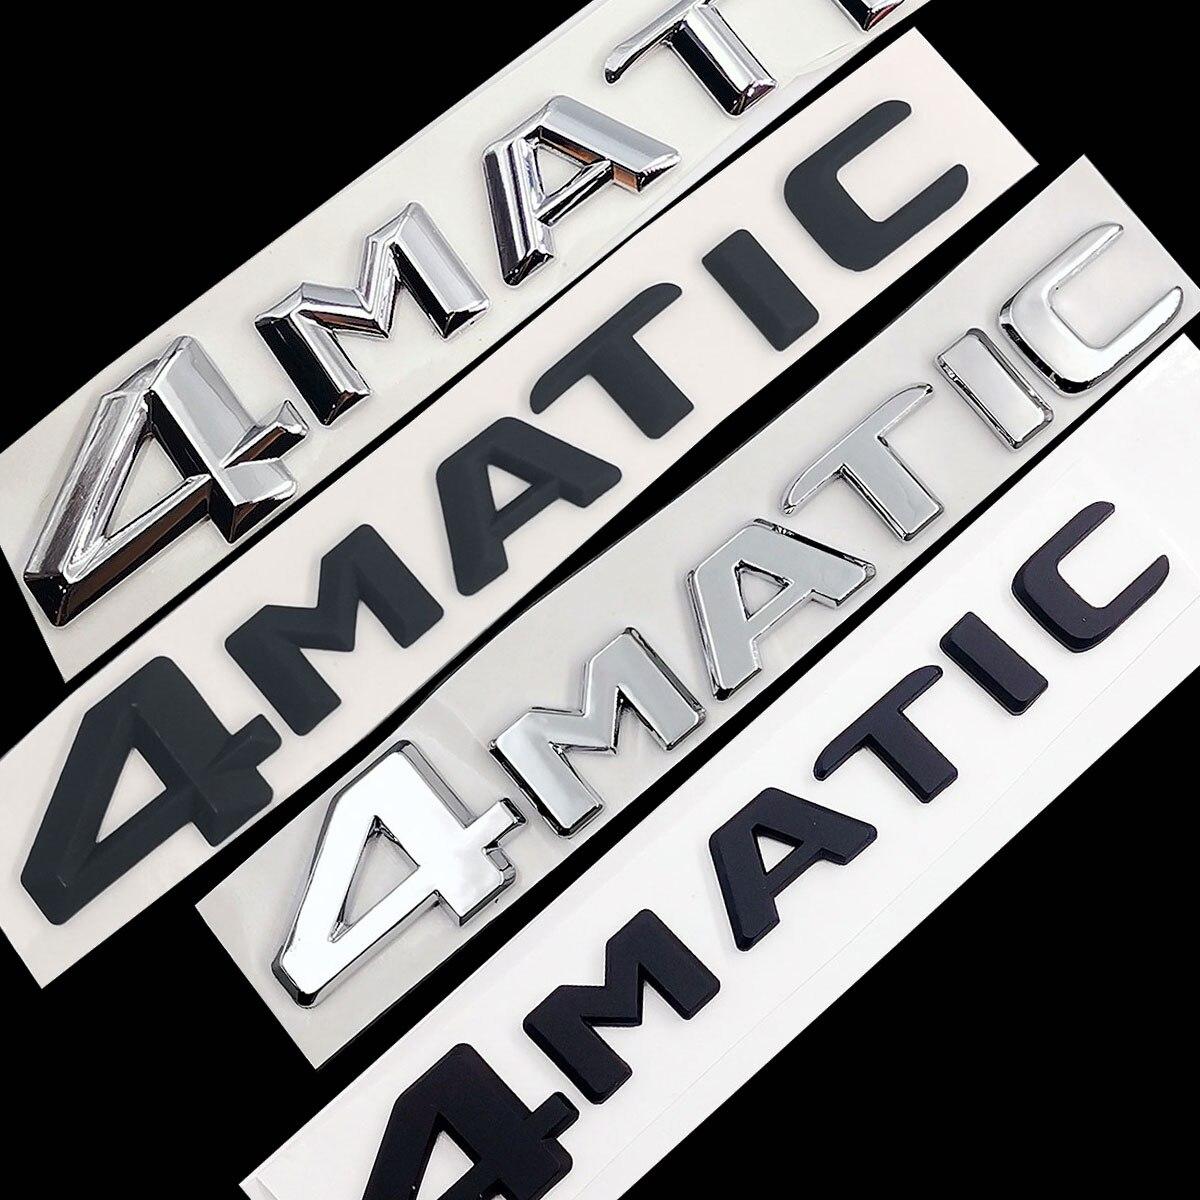 Для Mercedes Benz A B C E G S ML SL CL GLA CLA Class AMG 4matic 4matic багажник хромированные матовые черные буквы эмблема значок наклейка